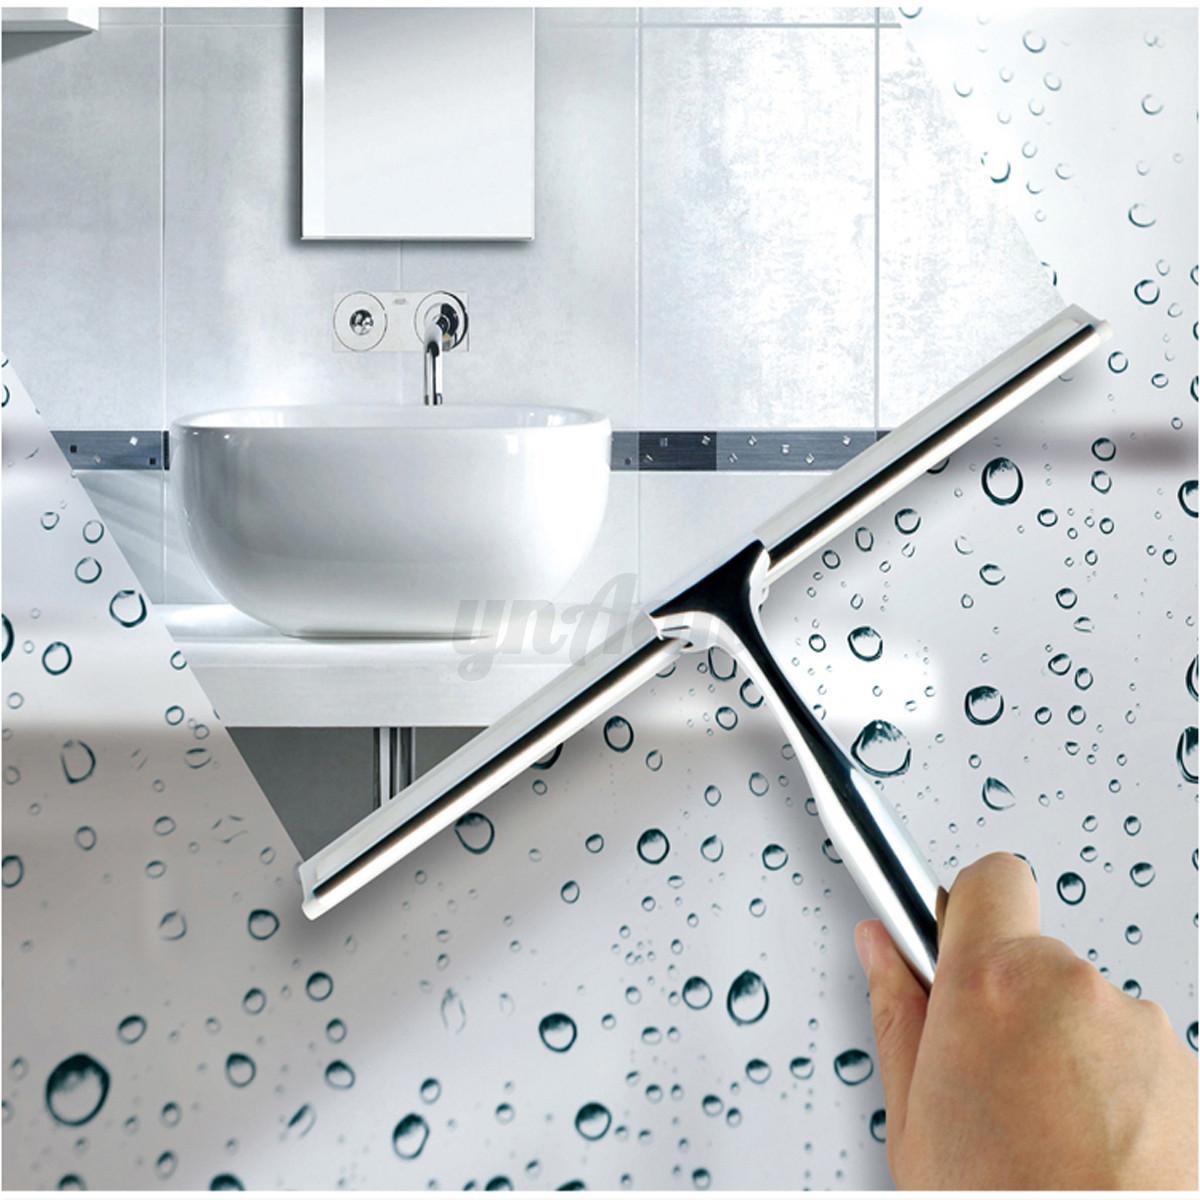 Nettoyage de salle de bain 28 images 13 trucs pas for Nettoyage salle de bain